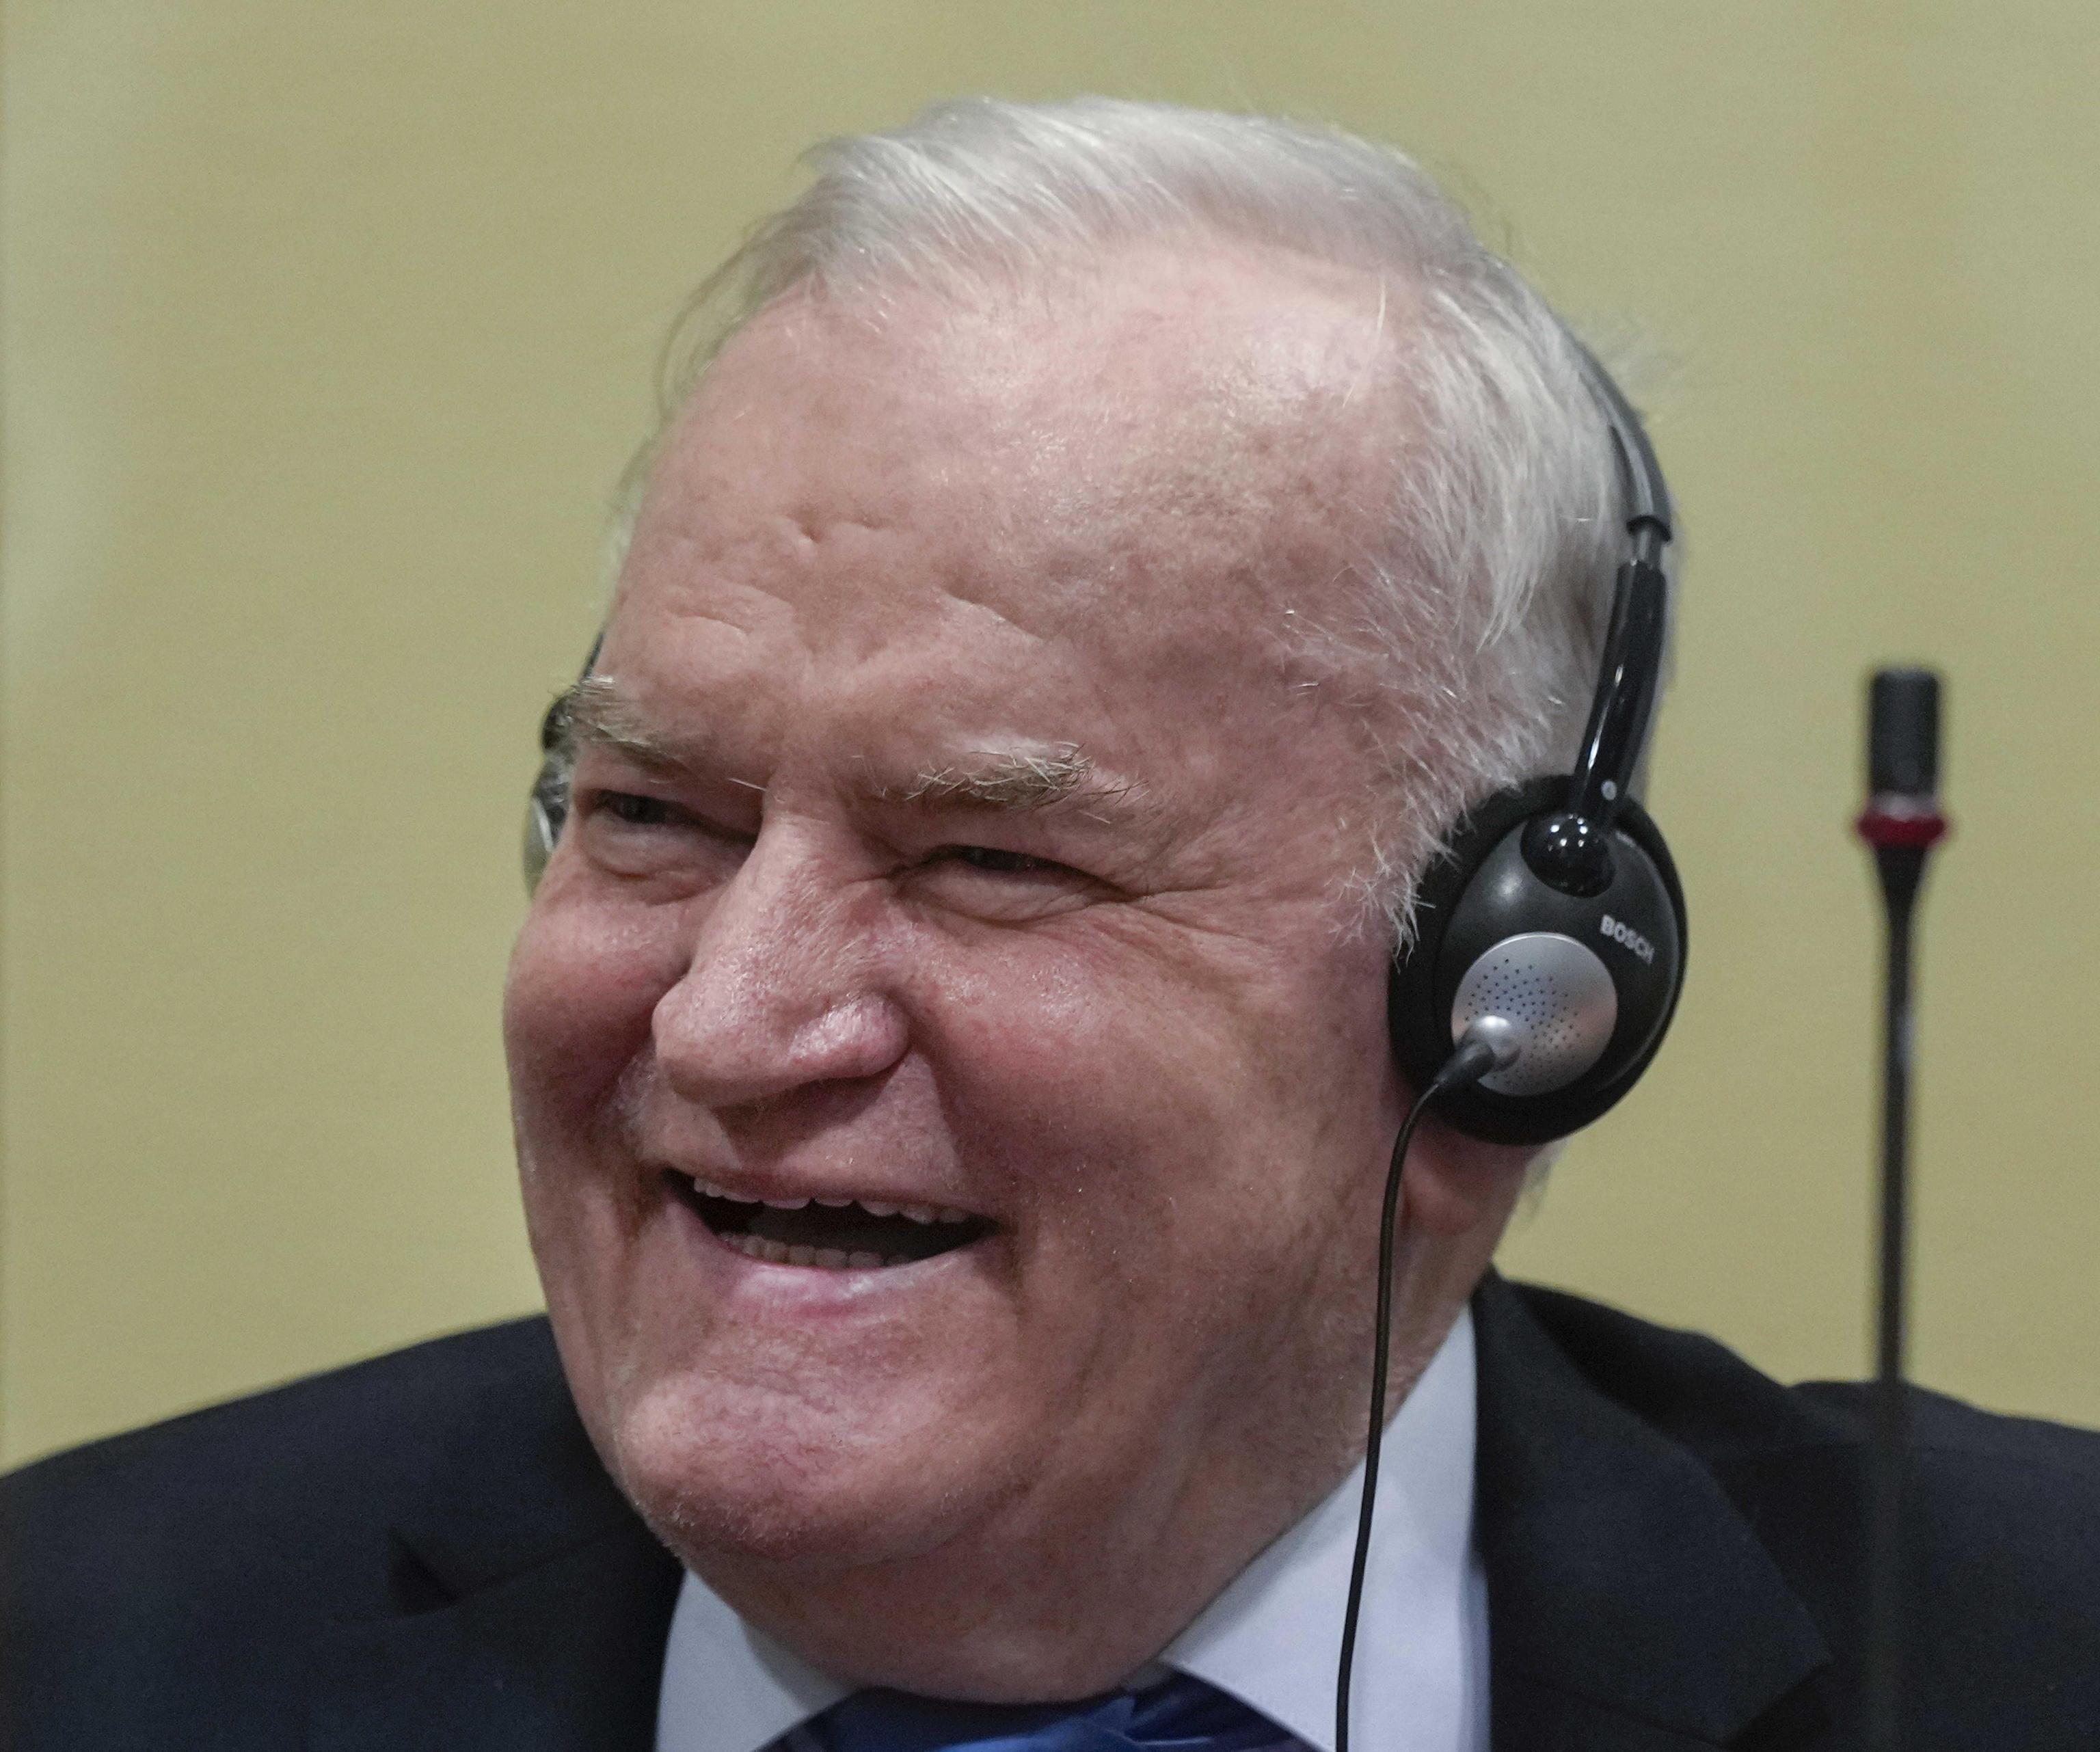 El ex militar serbobosnio Ratko Mladic sonríe durante su veredicto en La Haya, este martes.